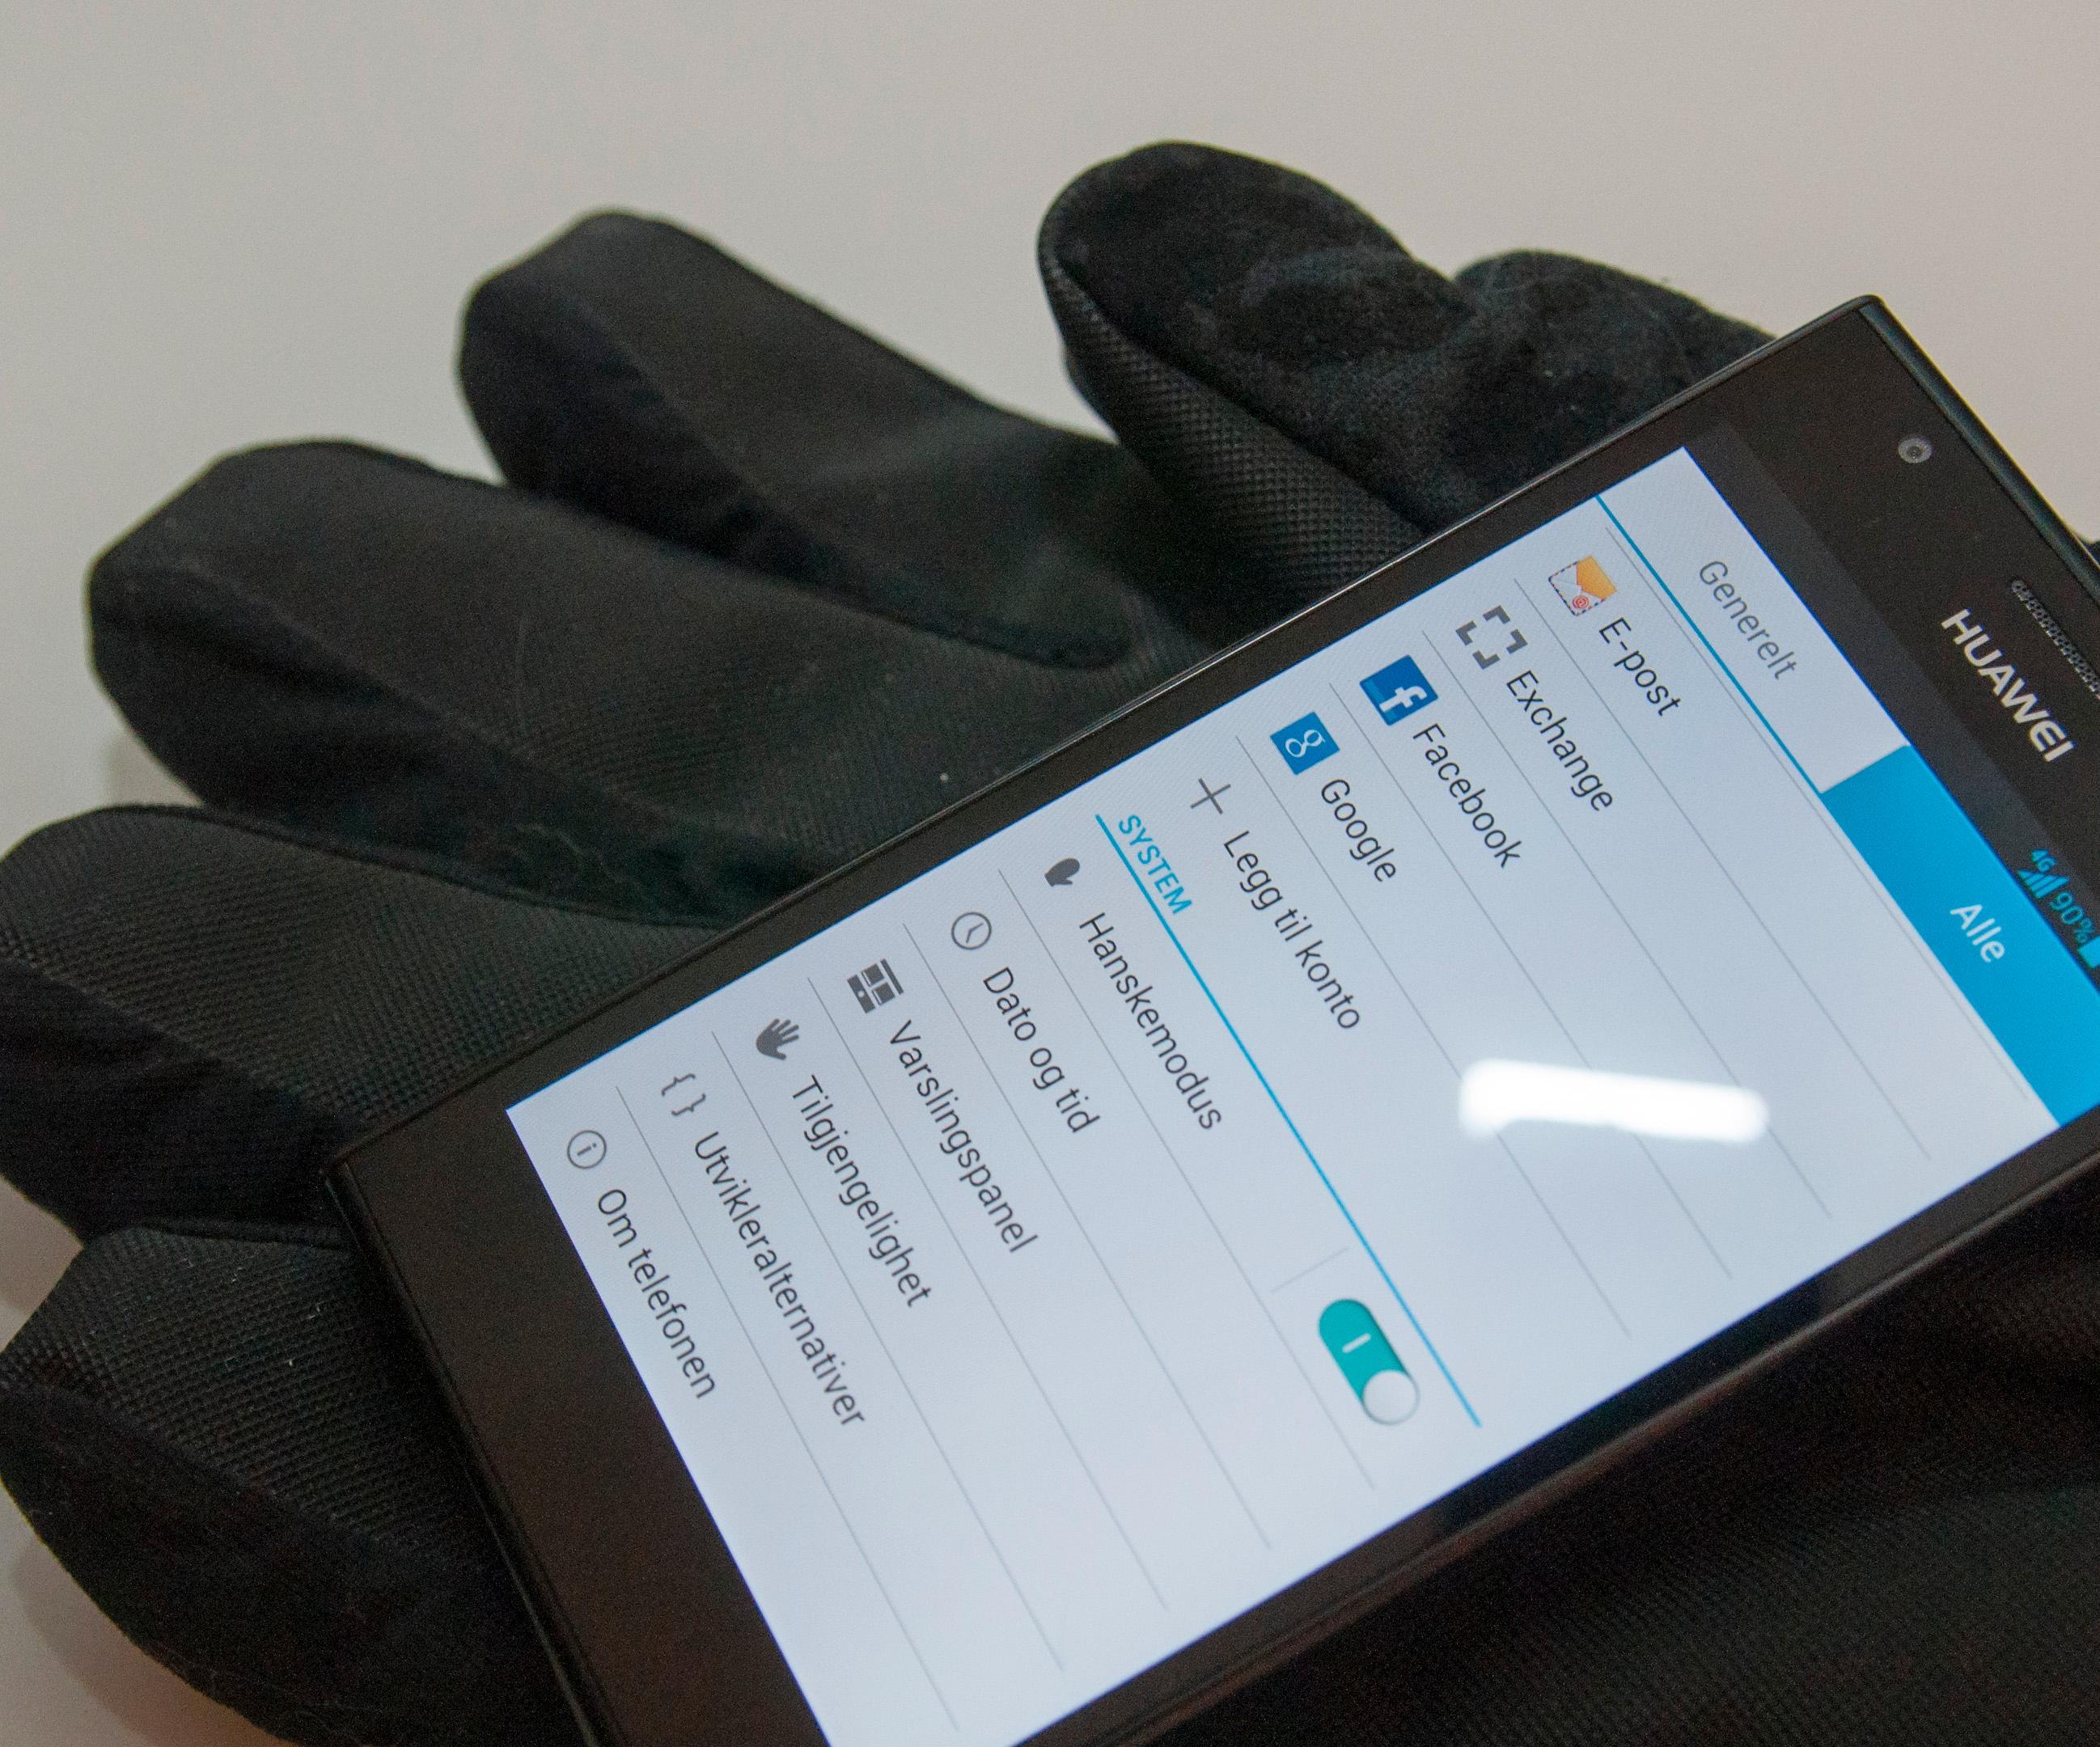 Etter at Nokia innførte det med Lumia 820 og 920 har det kommet stadig flere telefoner som fungerer selv om du har hansker på deg. Ascend P2 er en av disse.Foto: Finn Jarle Kvalheim, Amobil.no